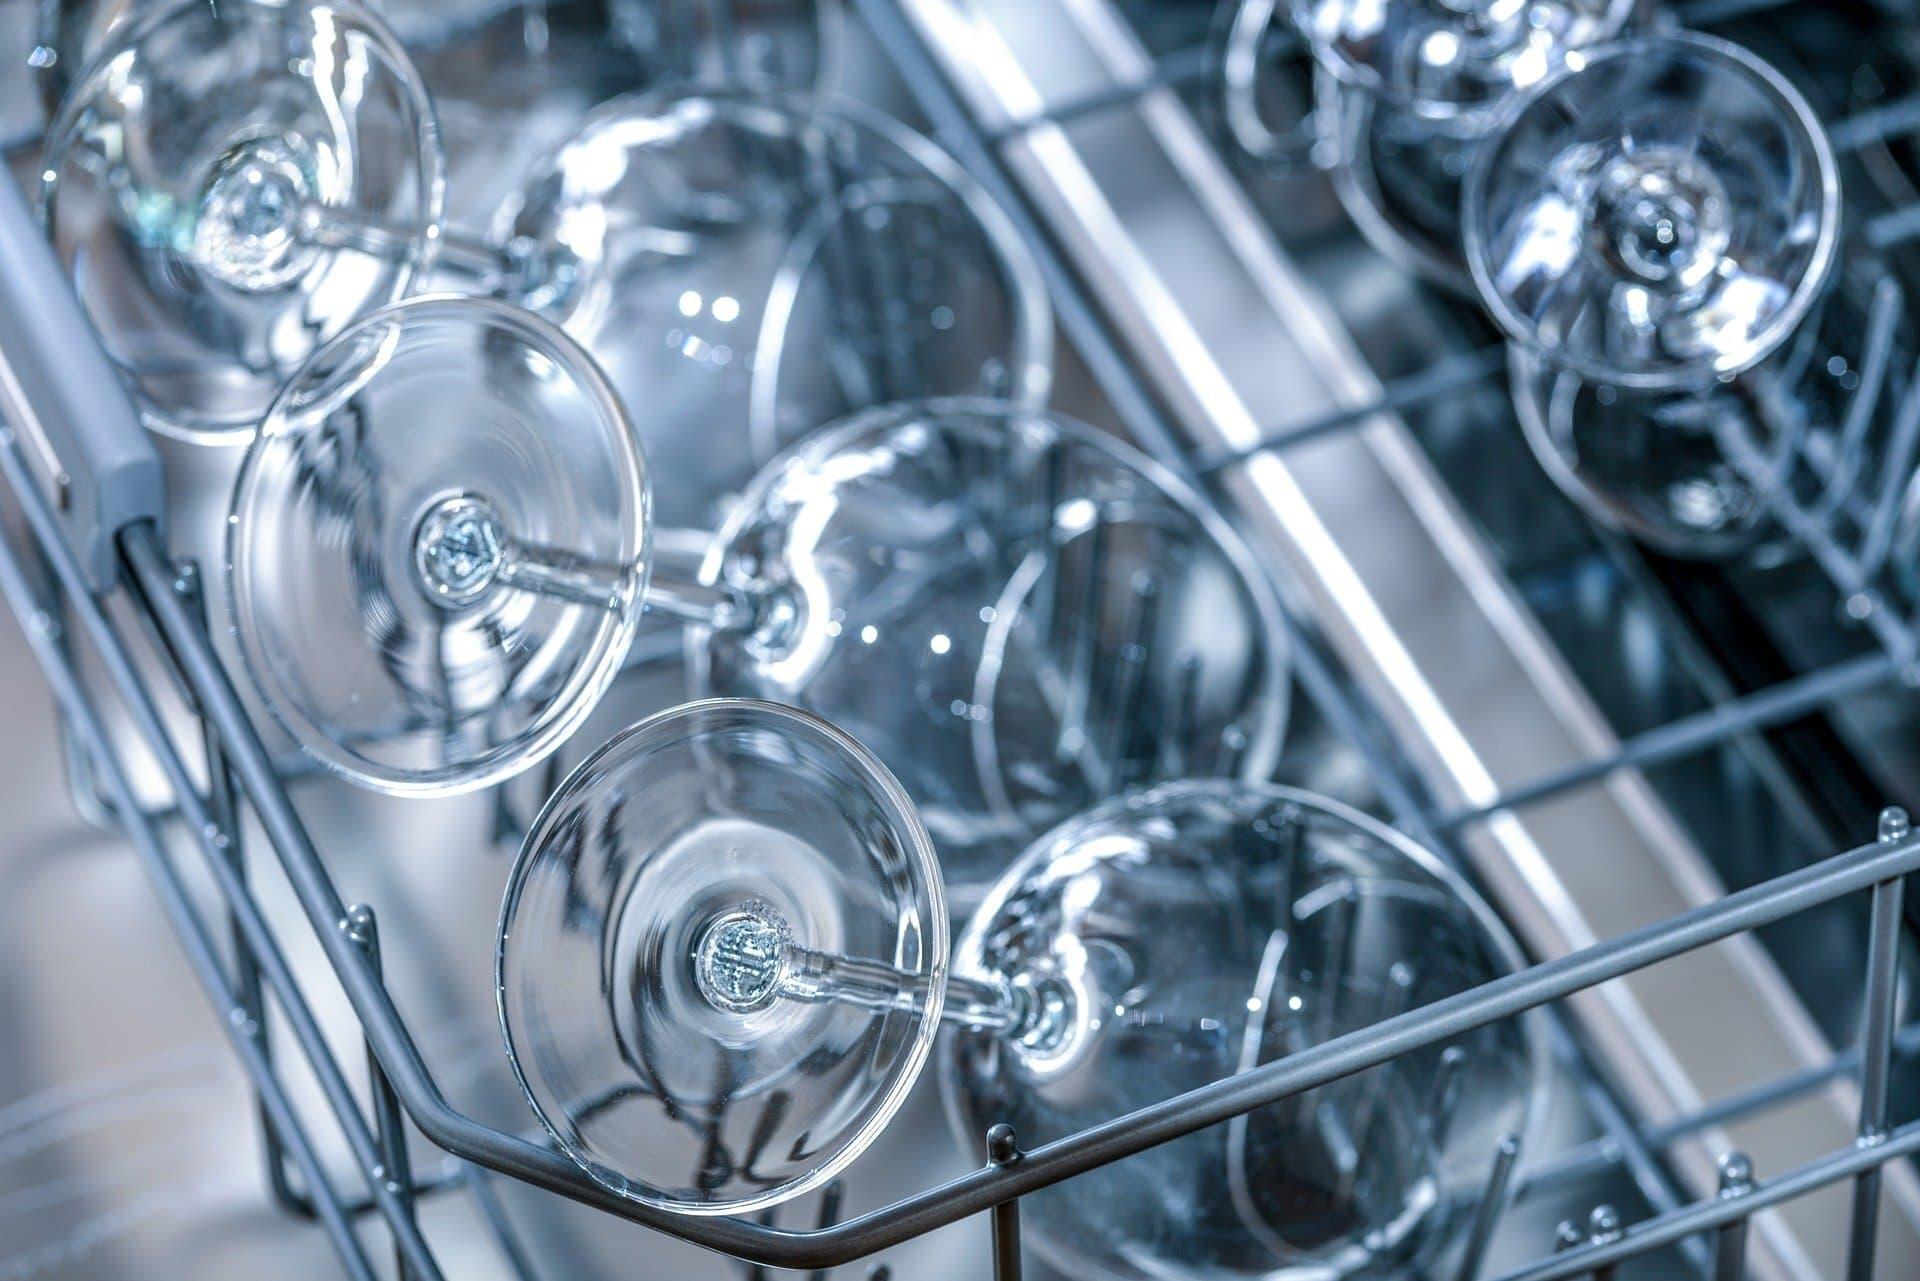 Saubere Gläser in Spülmaschine